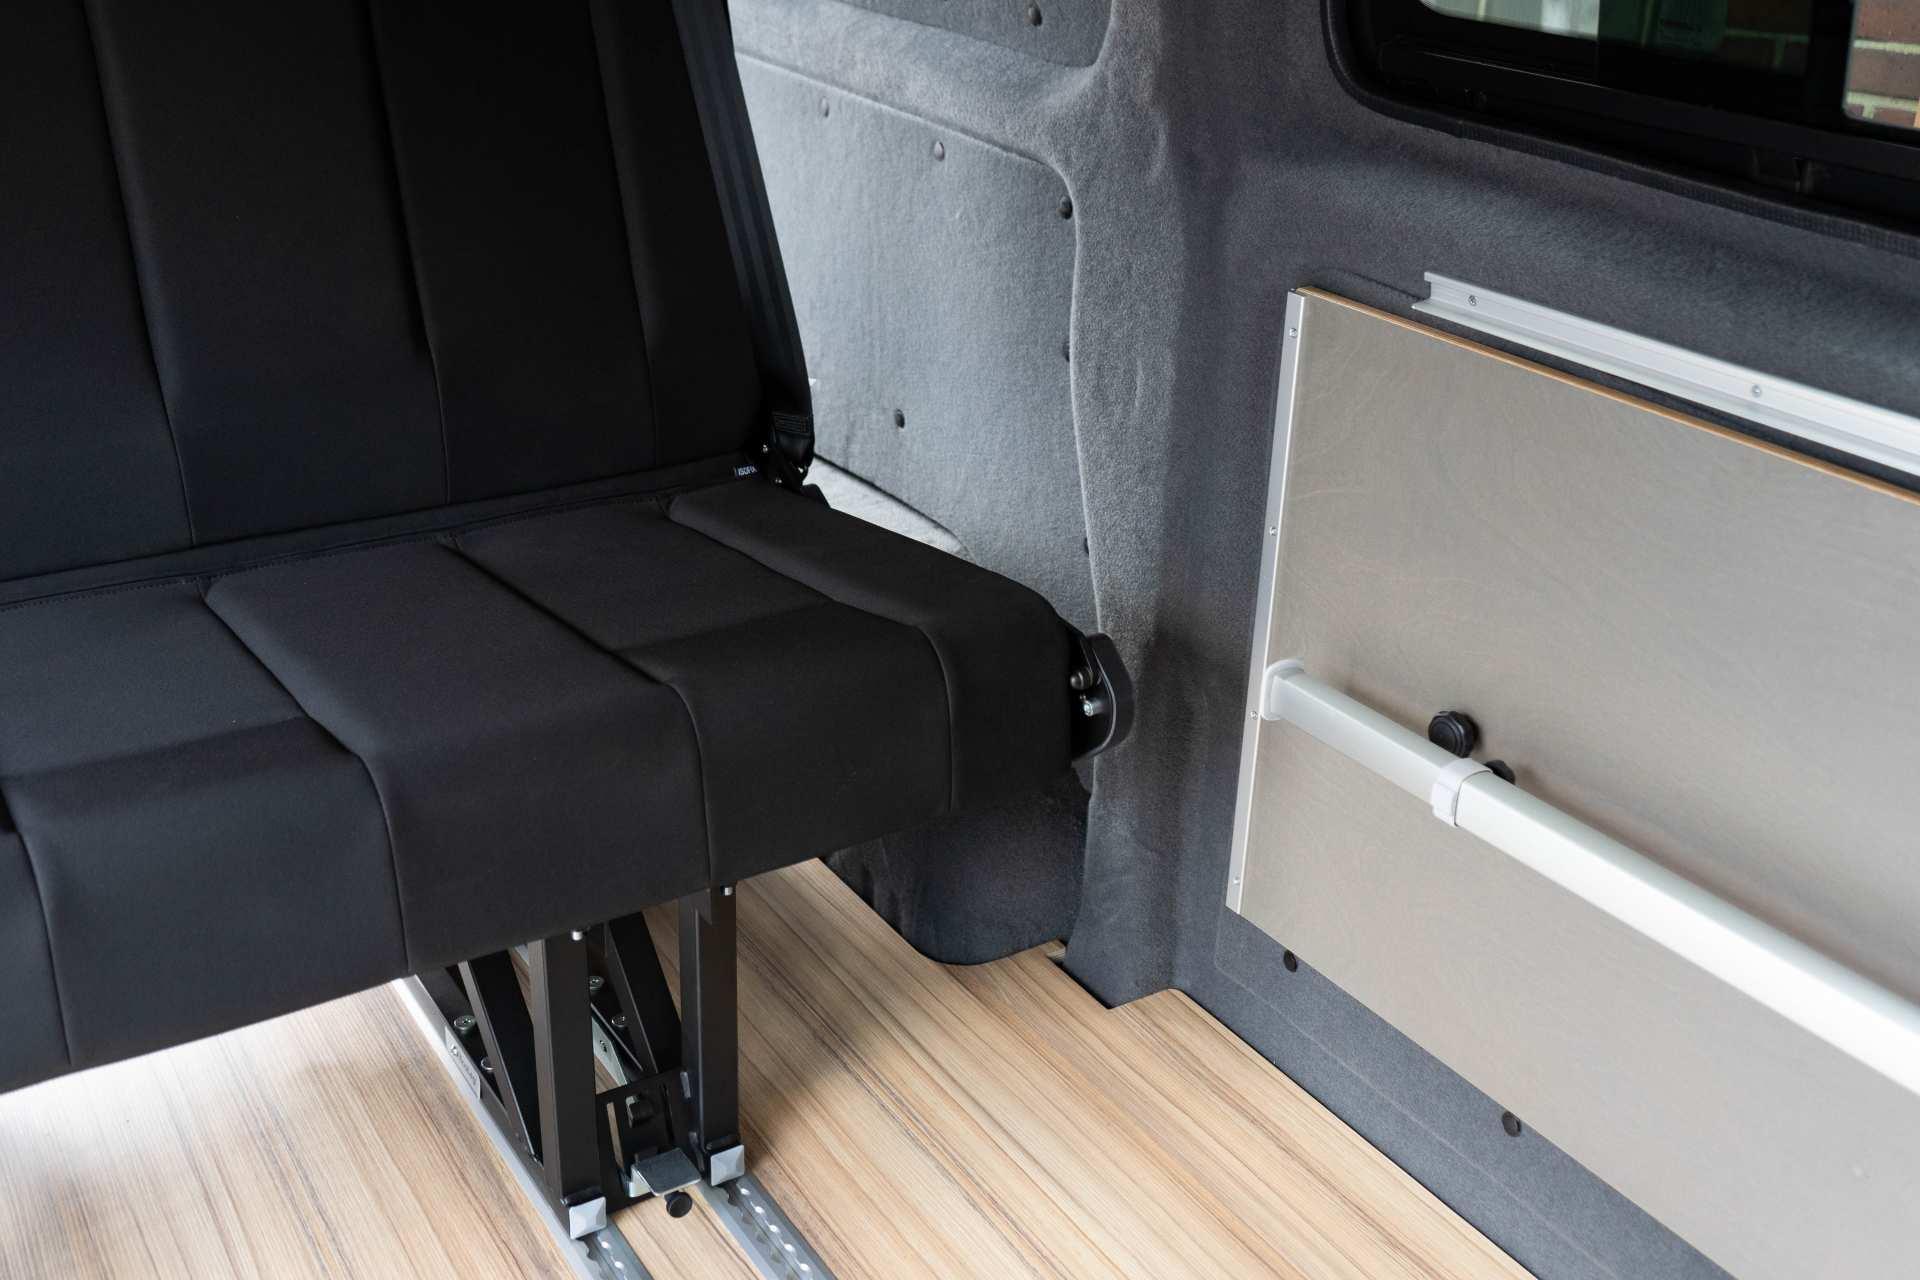 Individualausbau: Ford Transit Custom StartUp! - 15